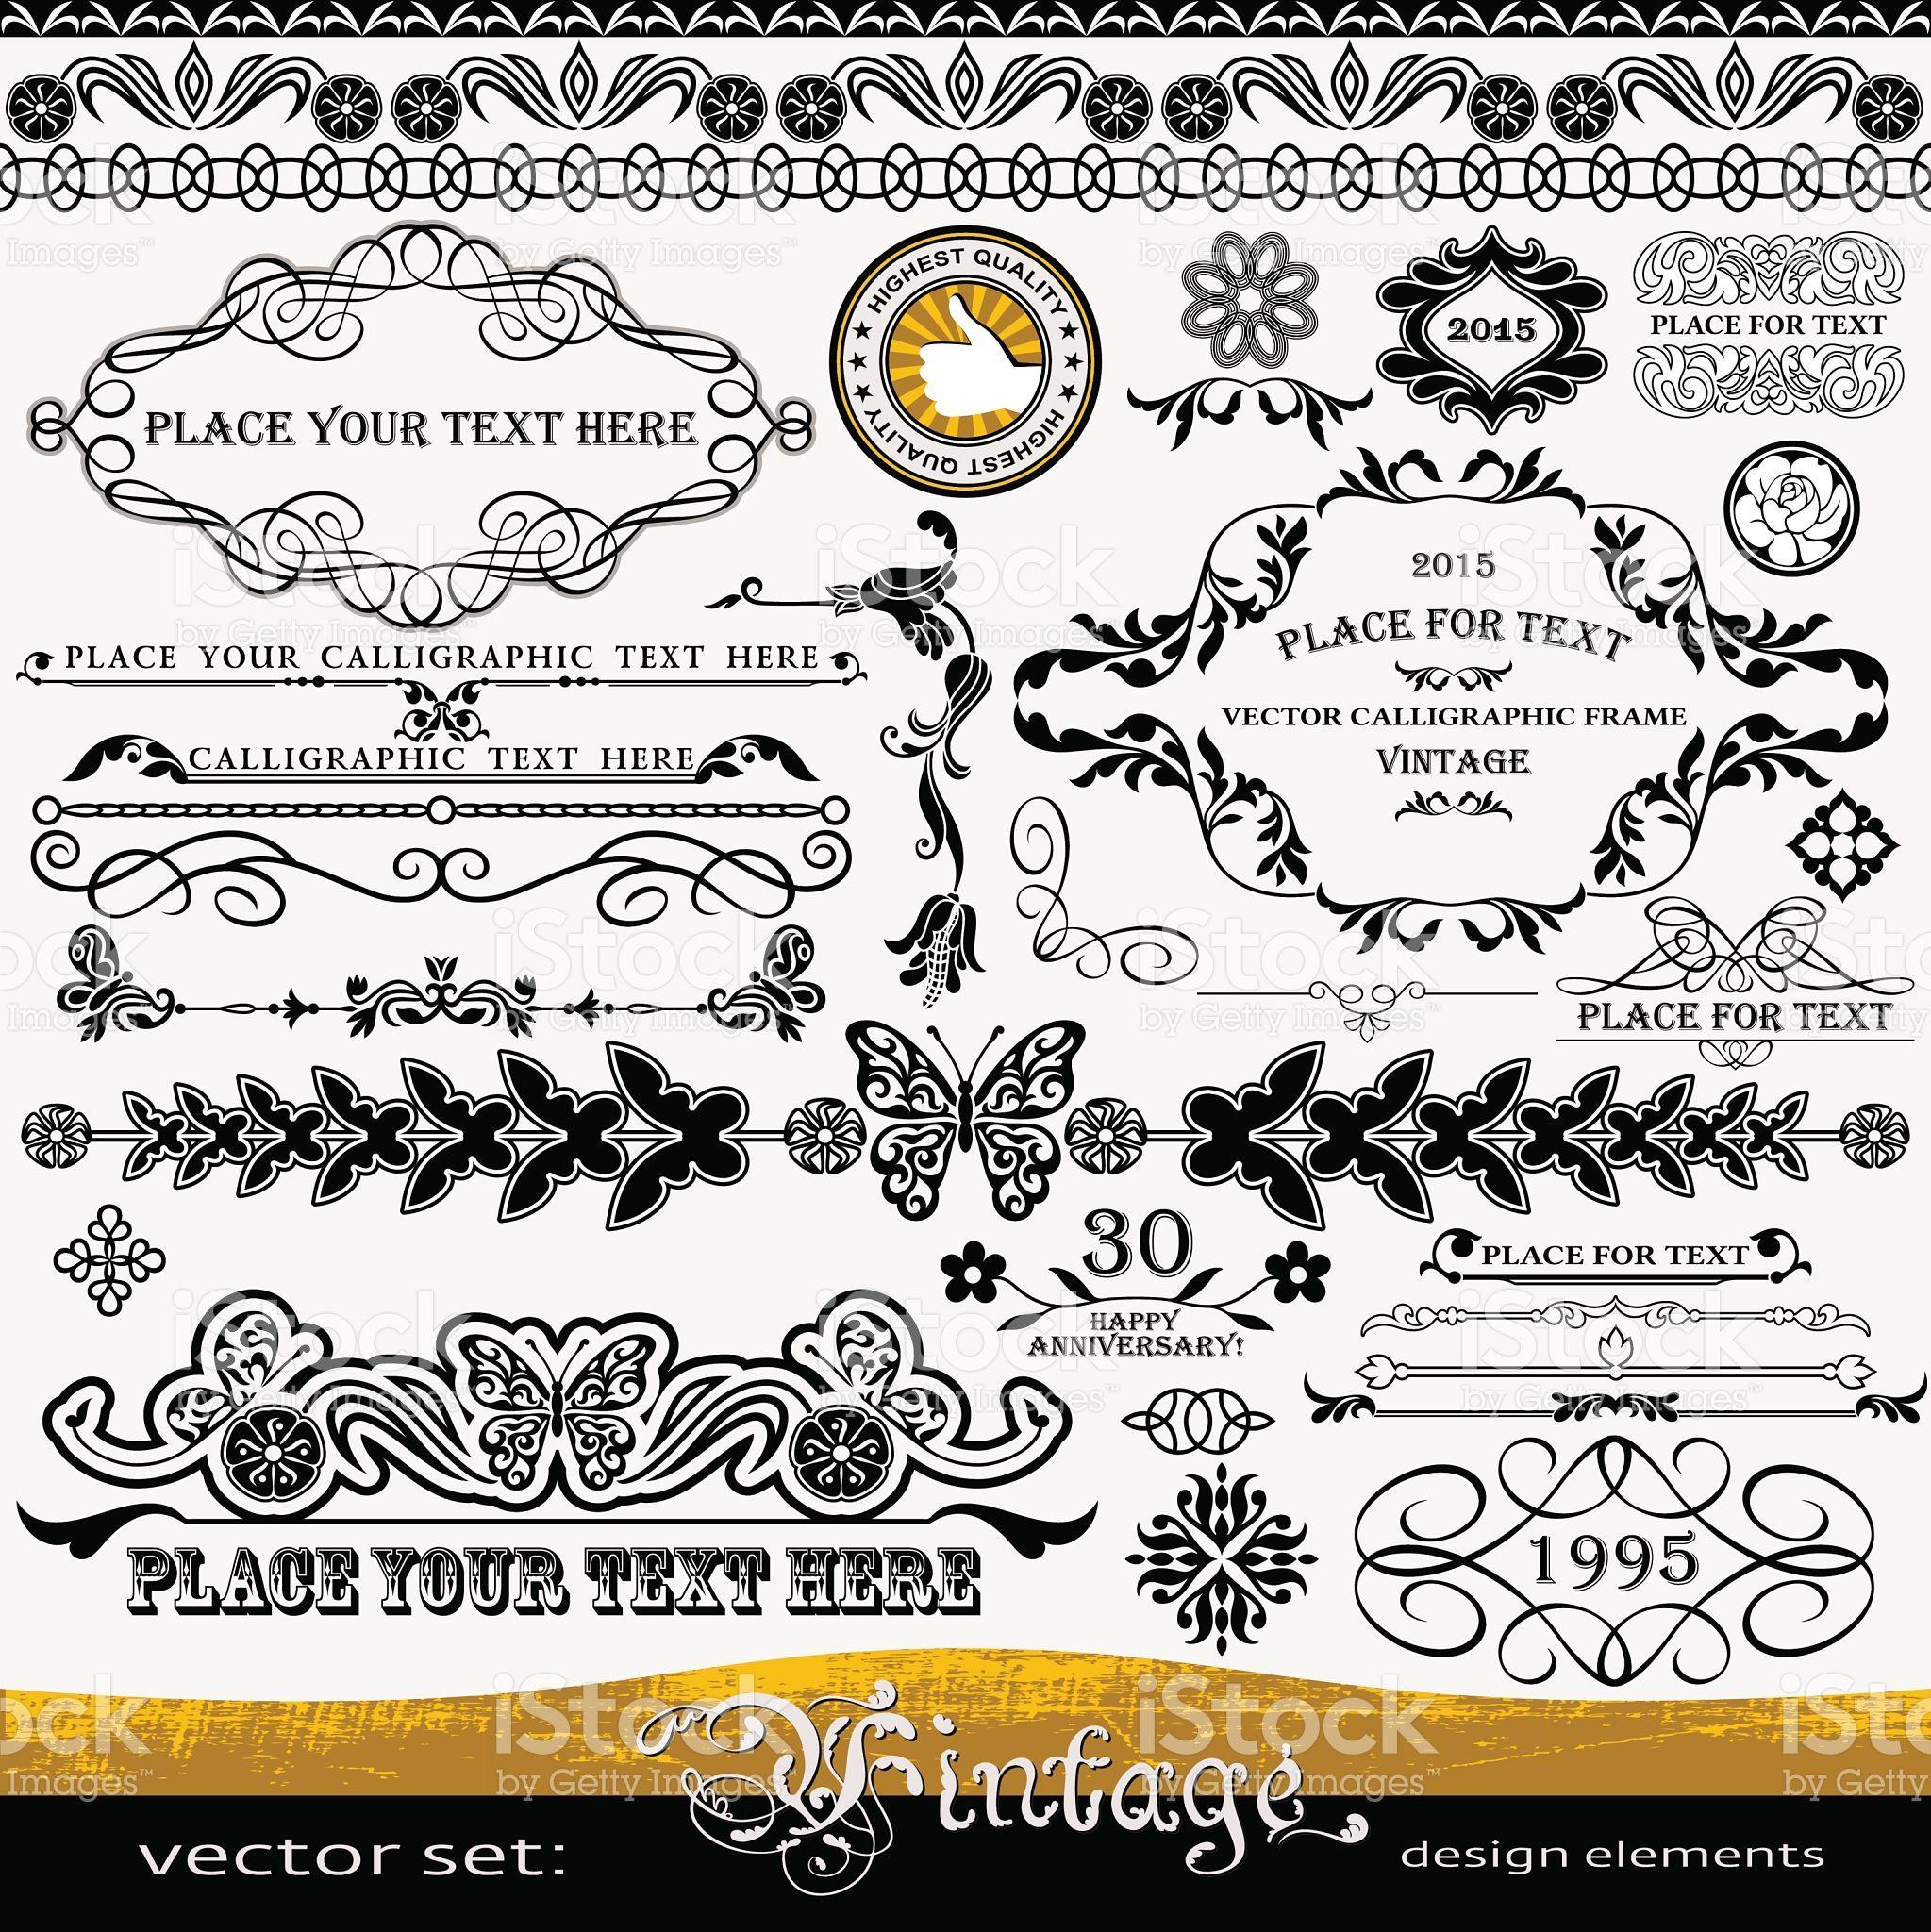 f3c13f60f7c Vintage design elements - frames